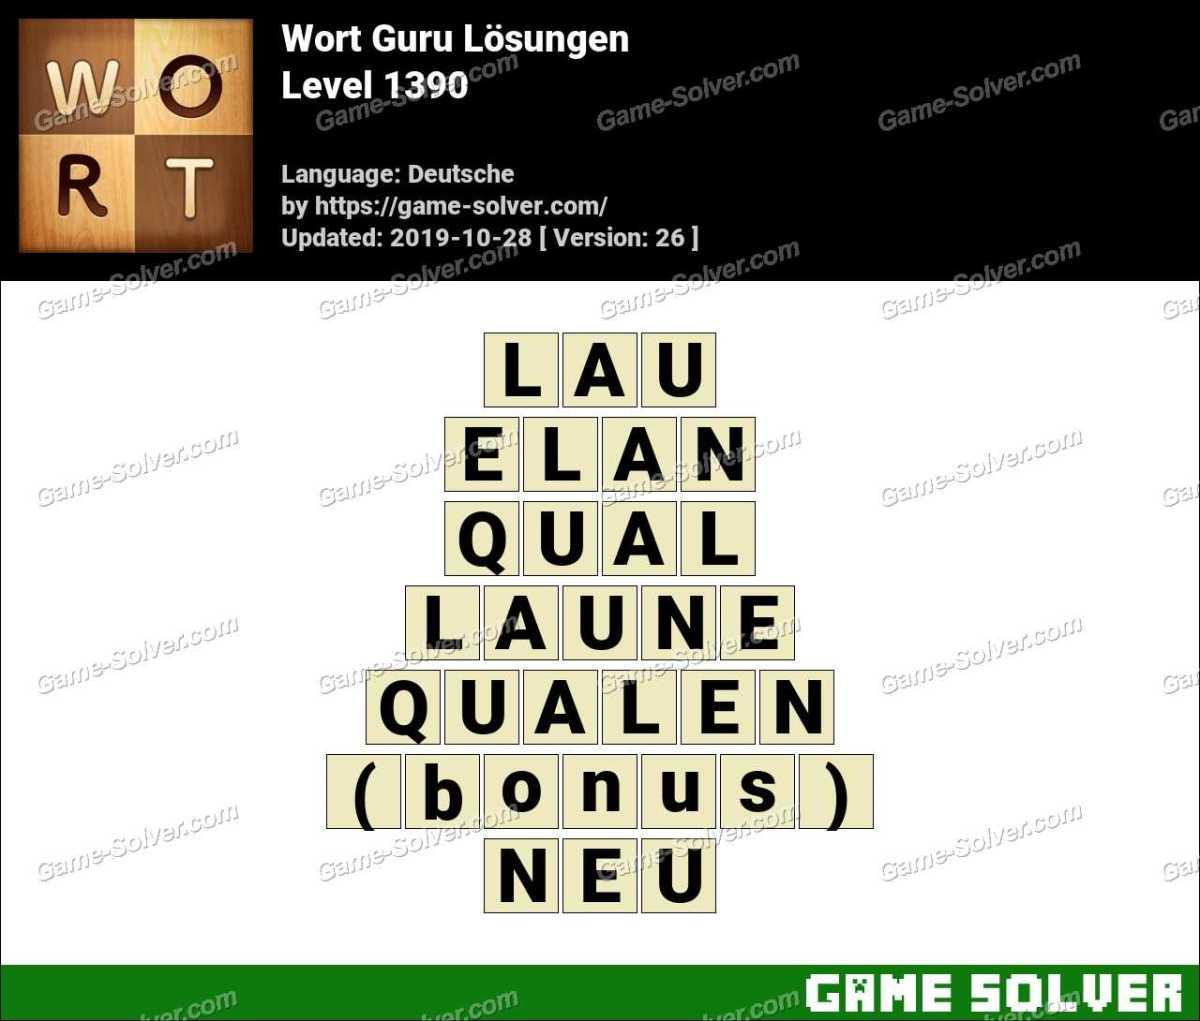 Wort Guru Level 1390 Lösungen